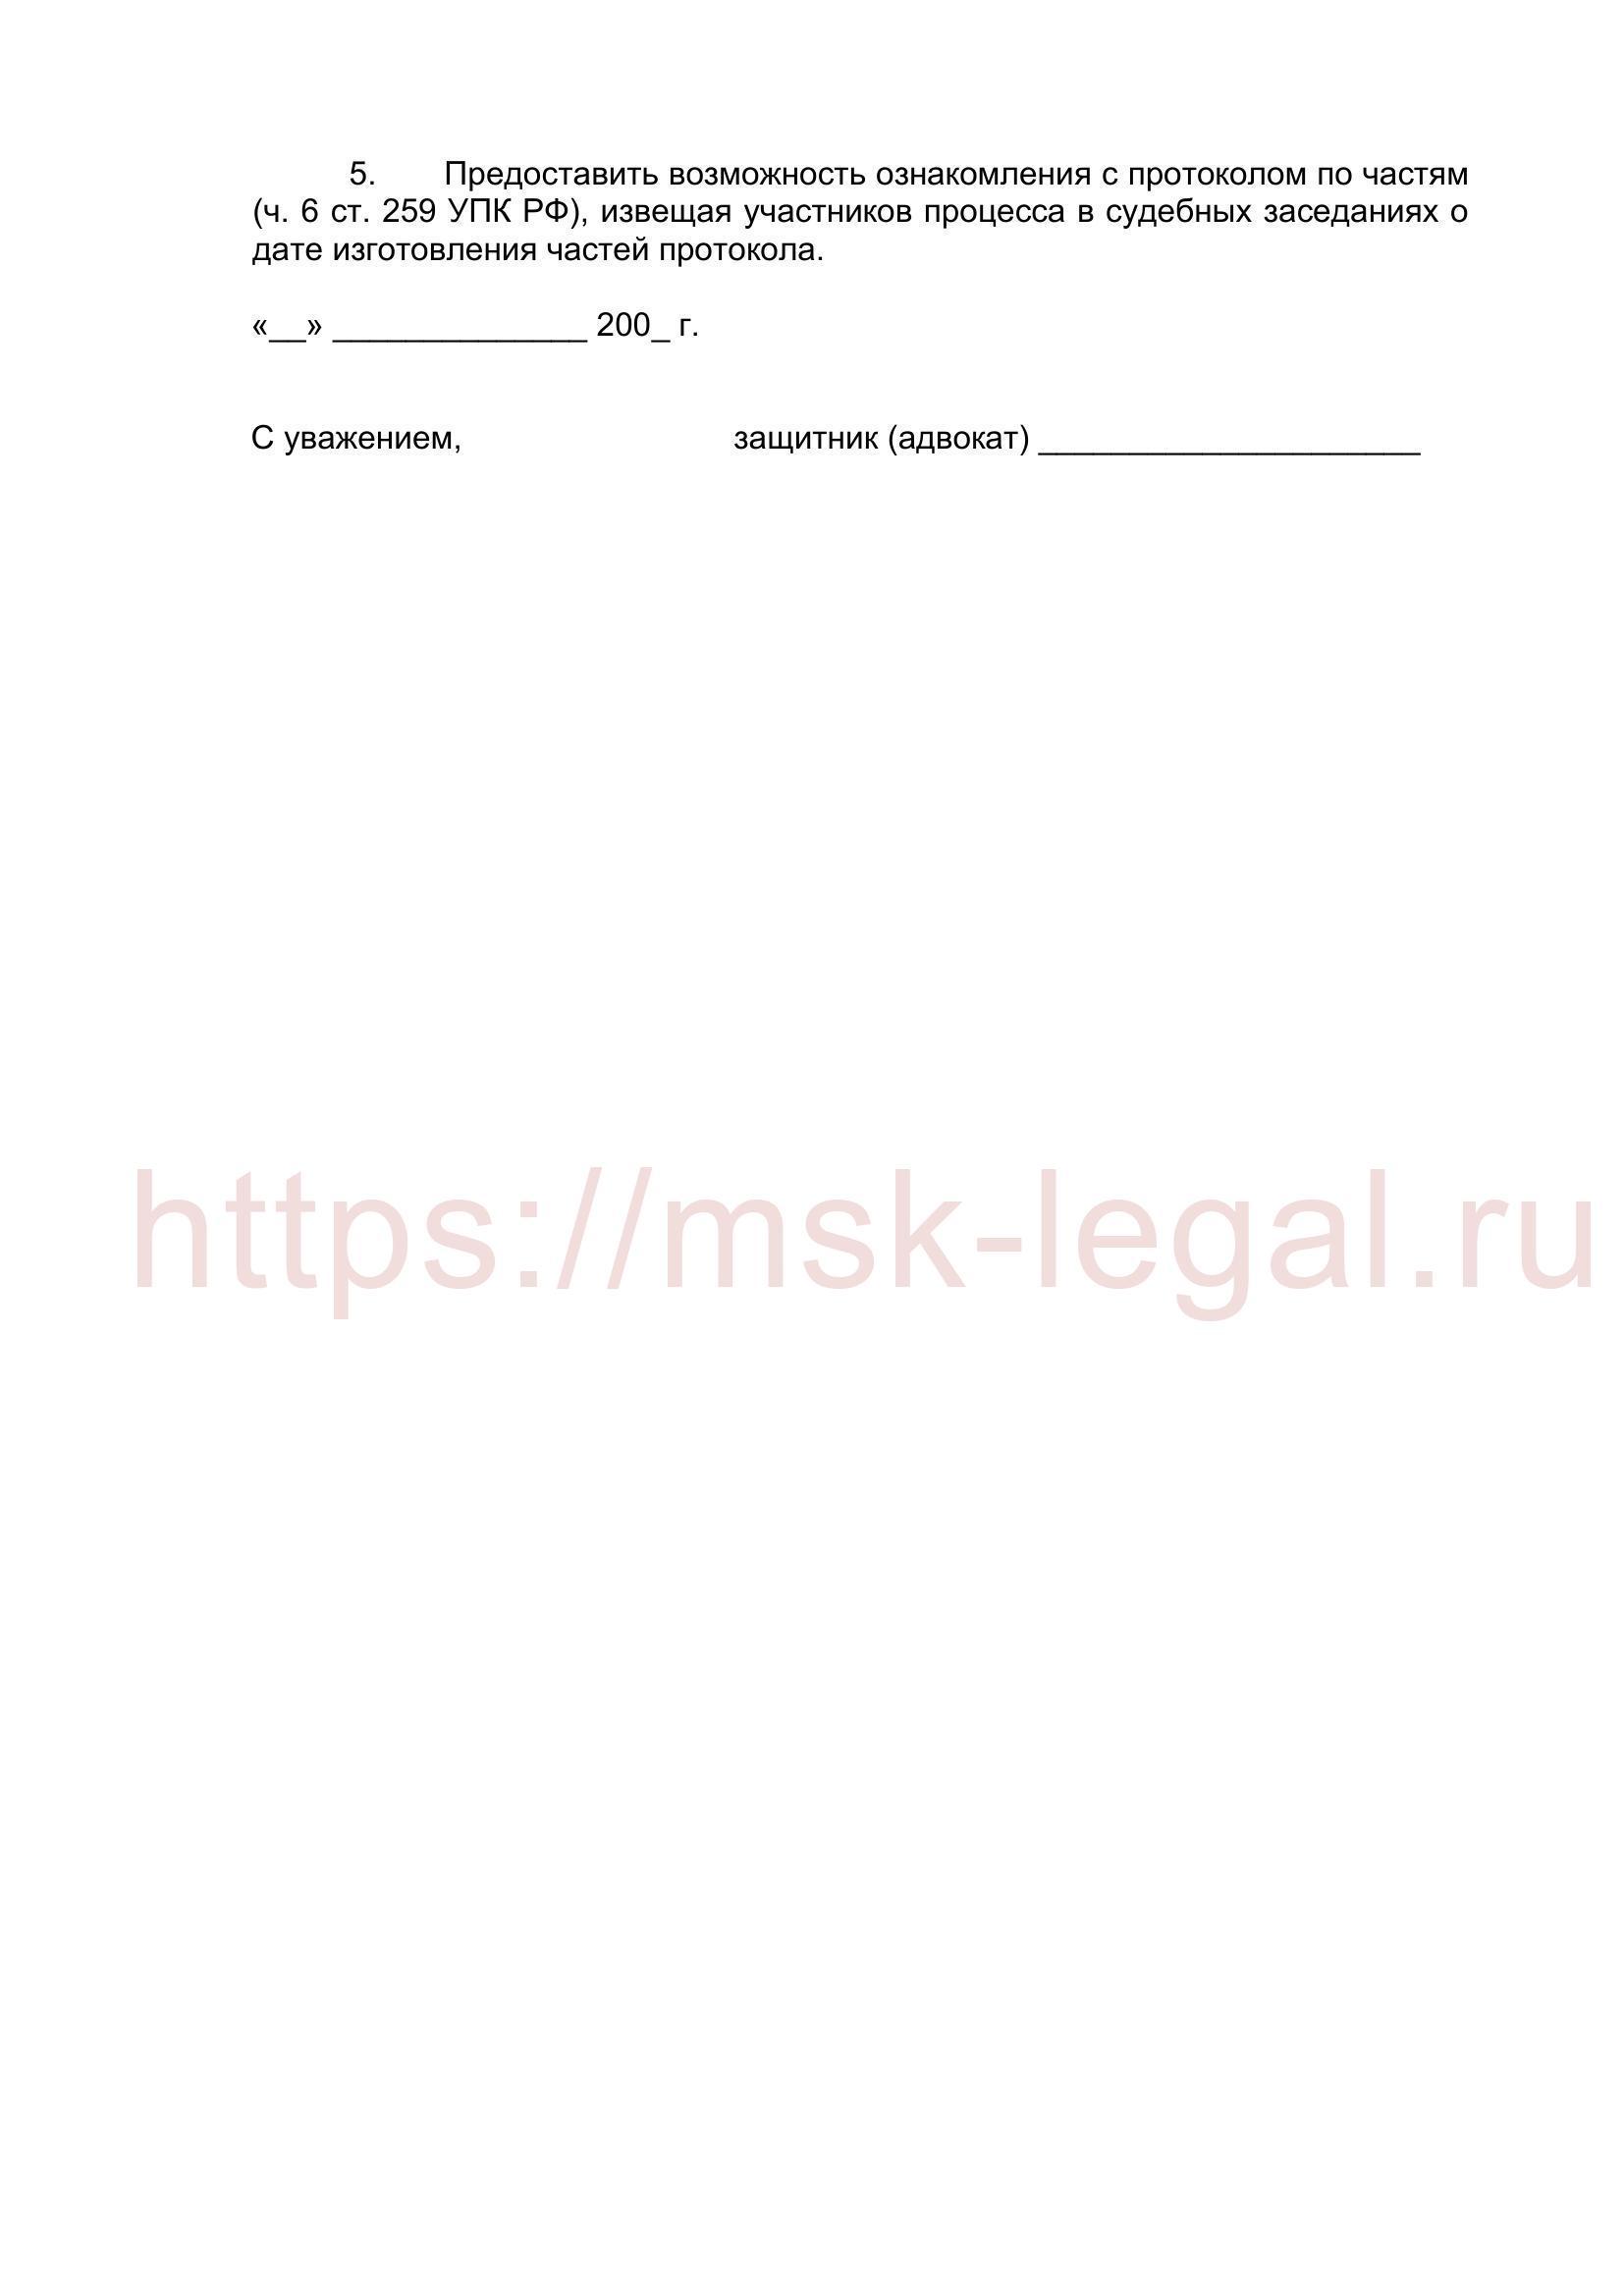 О производстве аудио- и видеофиксации судебного заседания